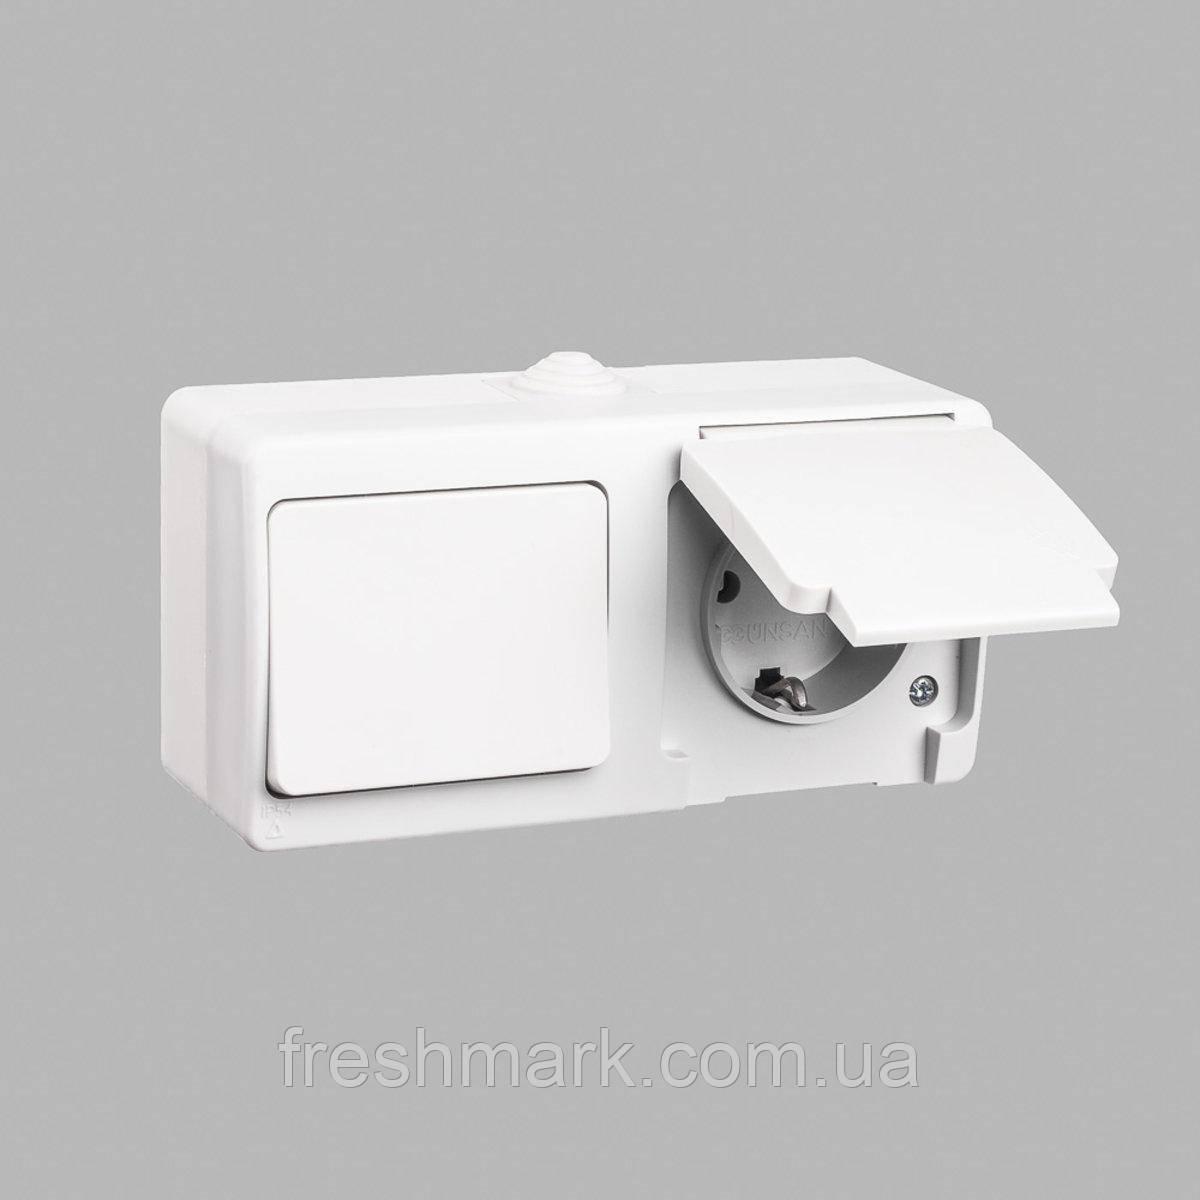 Блок выключатель одноклавишный + розетка с заземлением GUNSAN Nemliyer влагозащищенный Белый